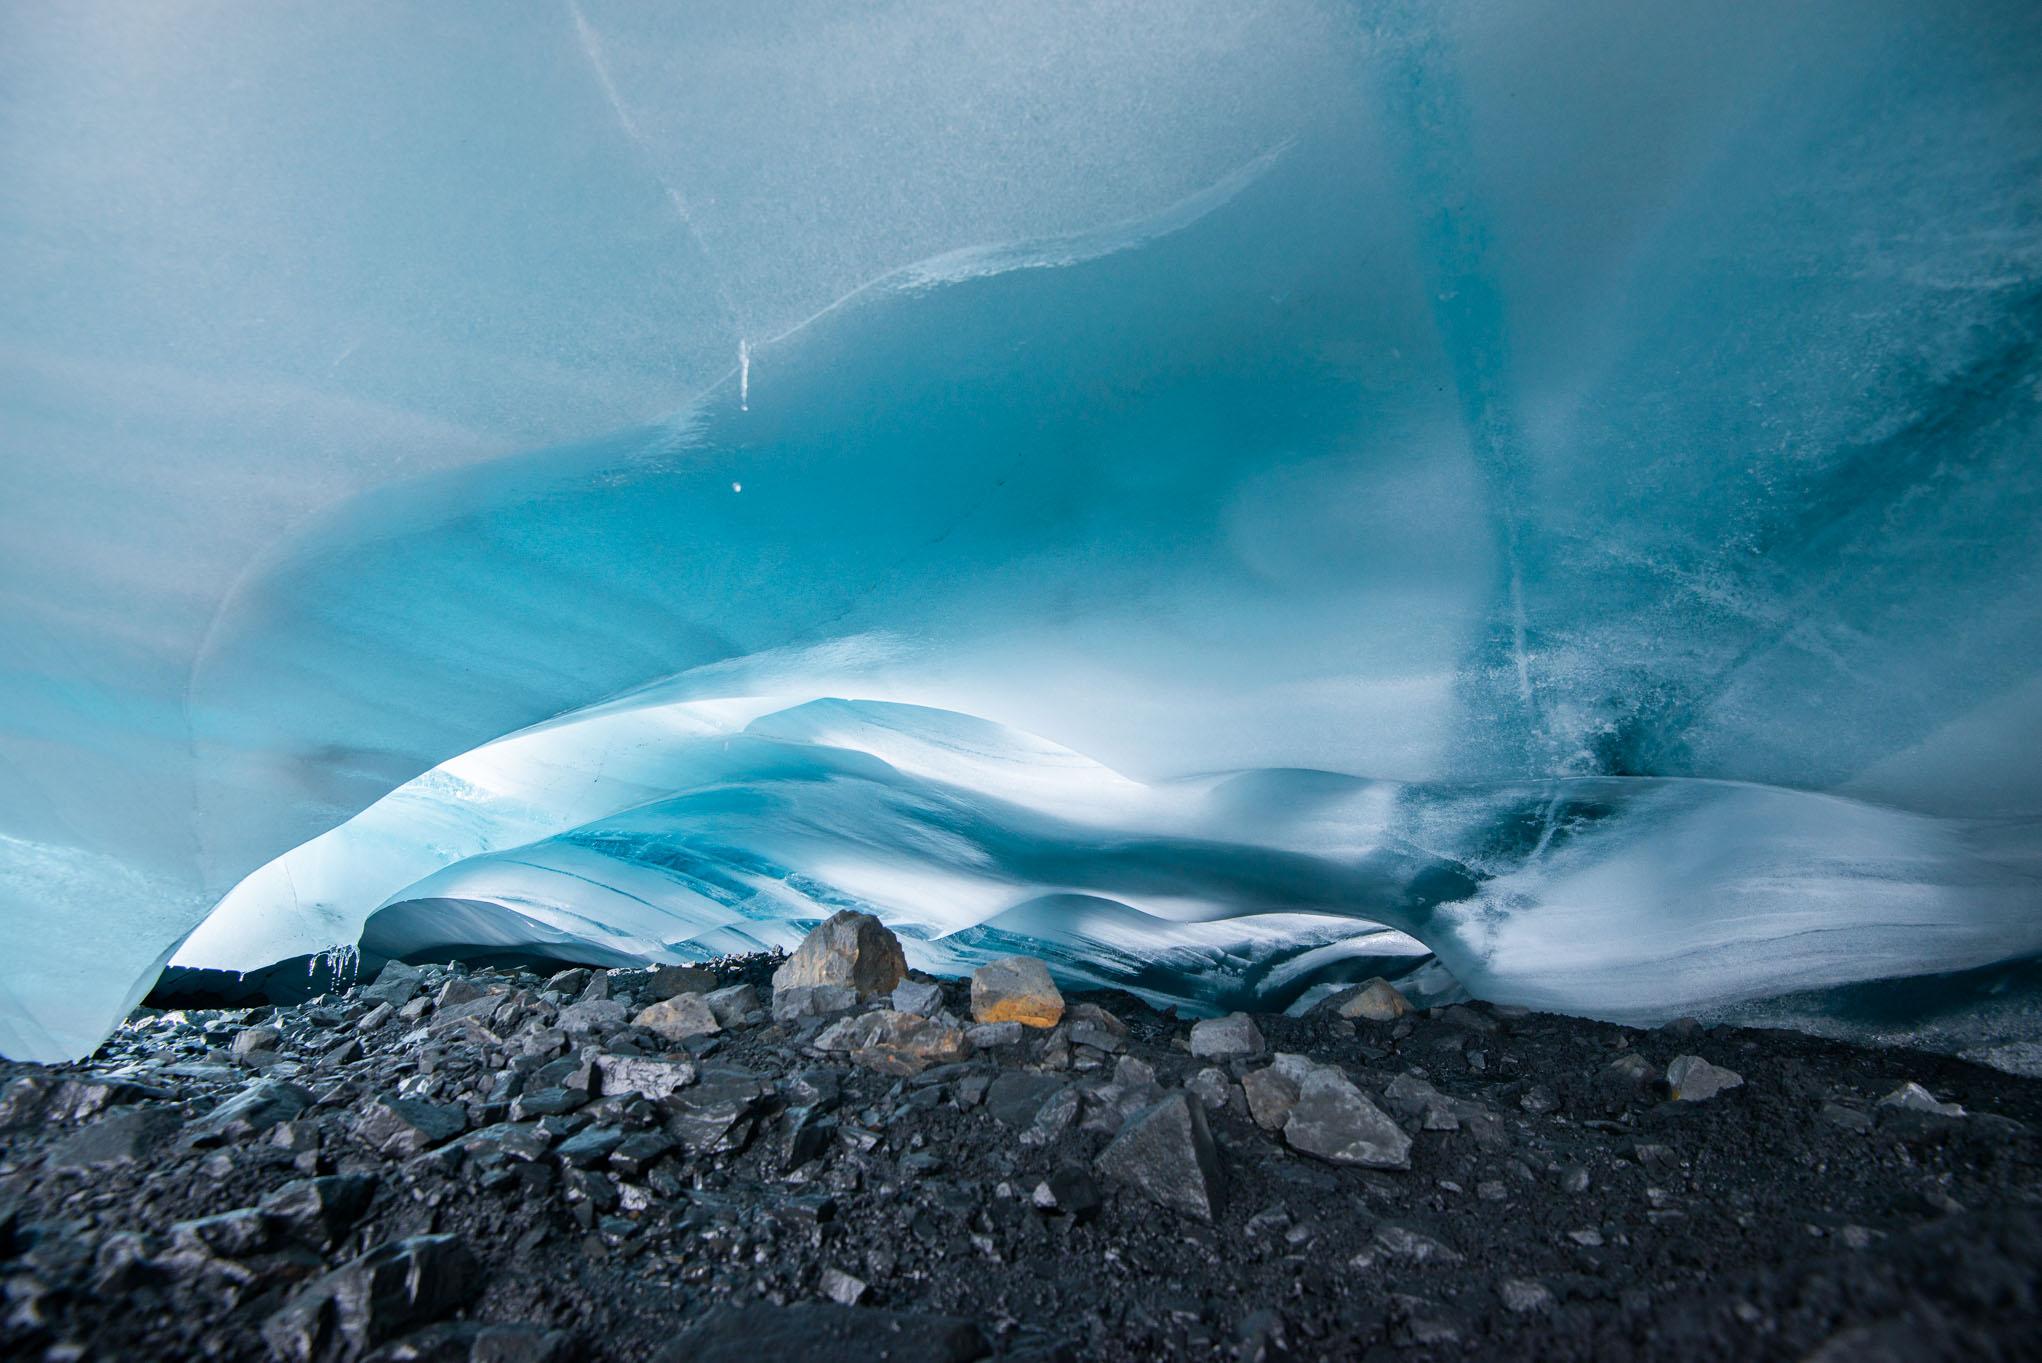 pastoruri ice glacier andean mountain cordillera blanca peru andes